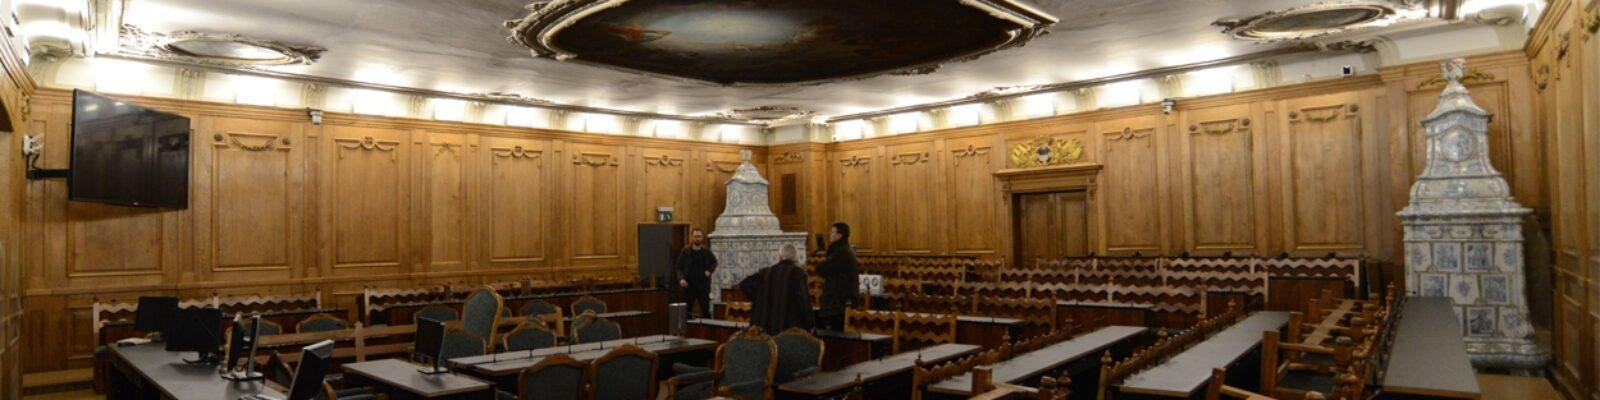 Sala del Gran Consiglio vista d'insieme sala - design luce